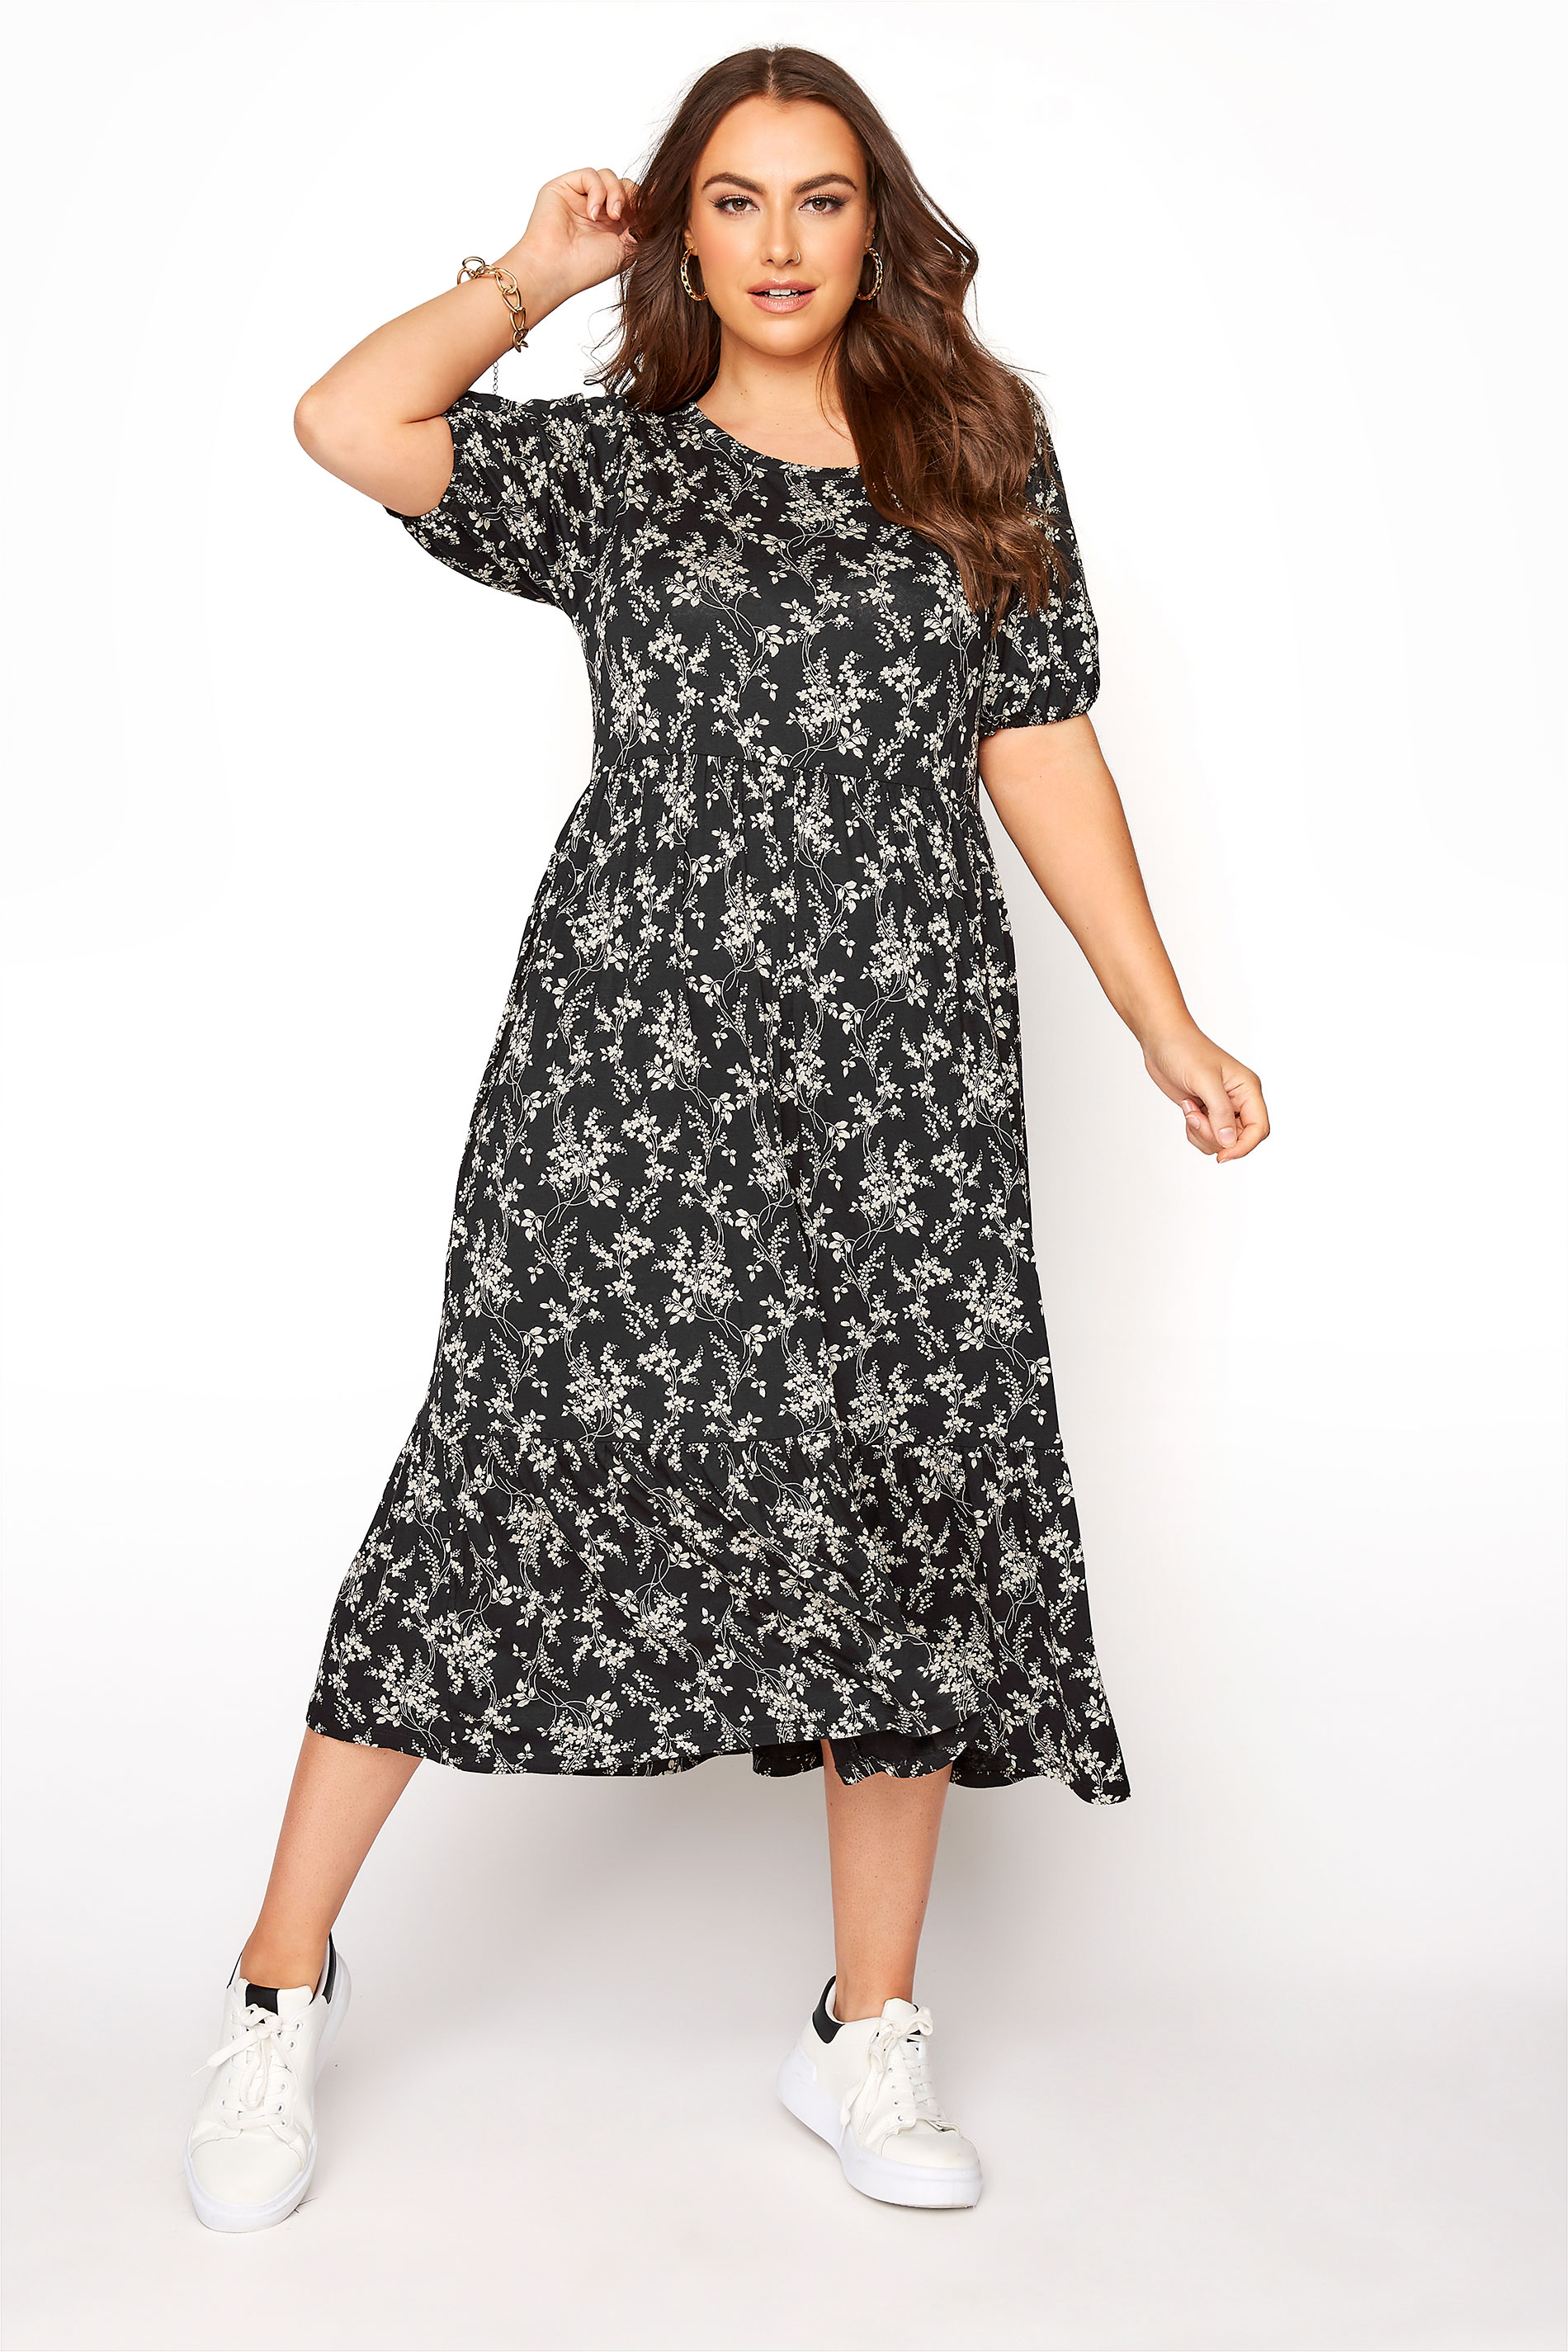 Black Floral Frill Hem Short Sleeve Dress_A.jpg